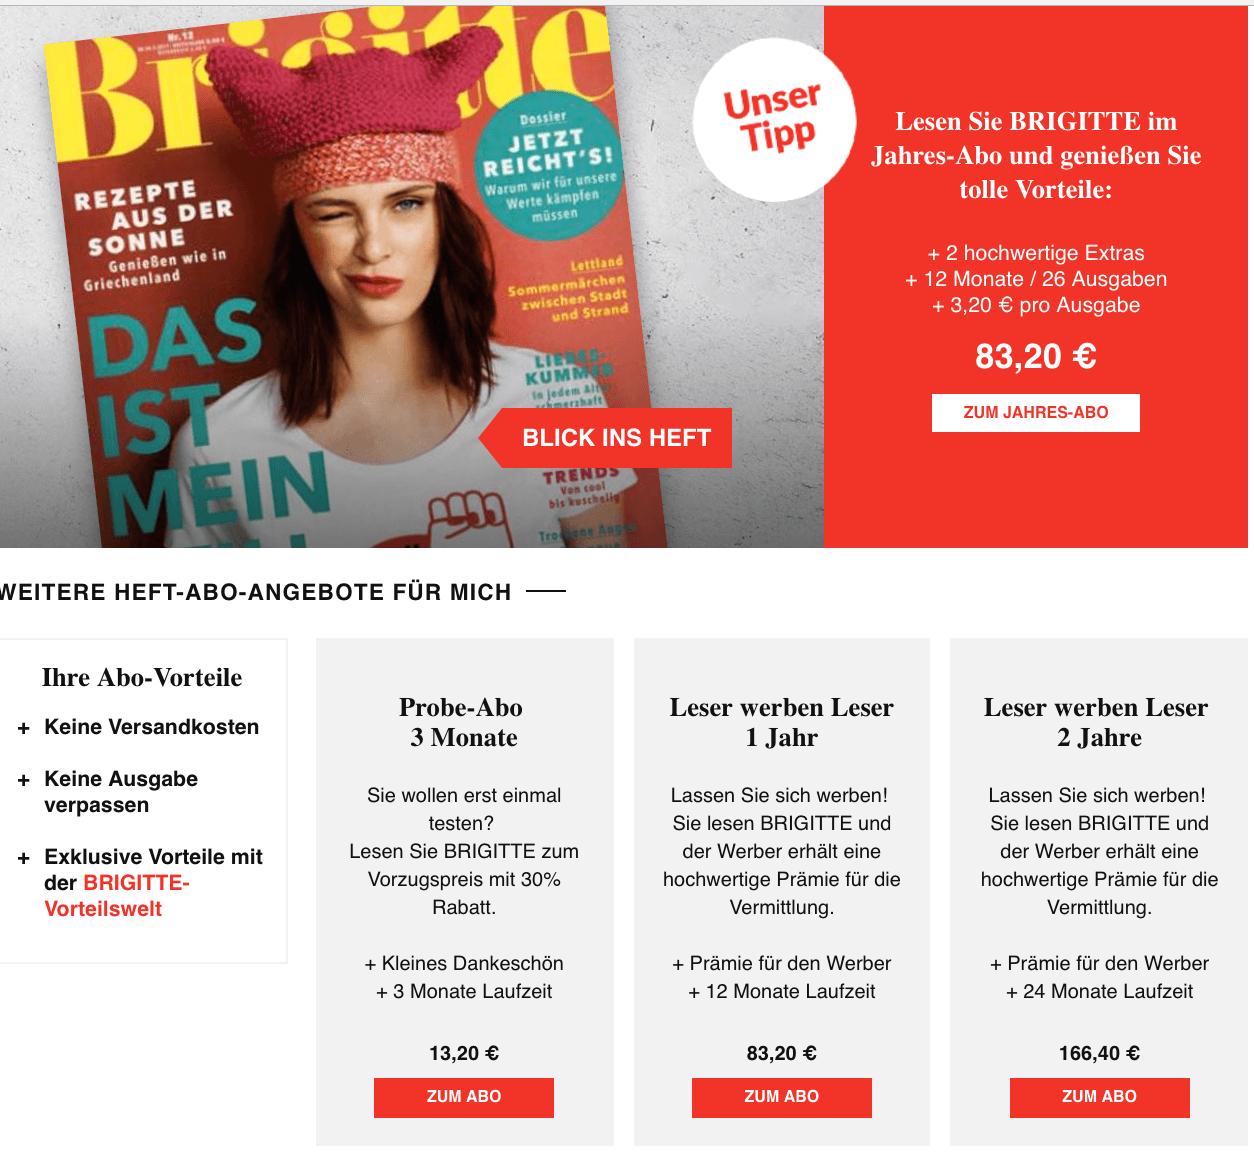 Brigitte Probeabo kündigungscheck frauenzeitschriften das gilt bei bunte gala